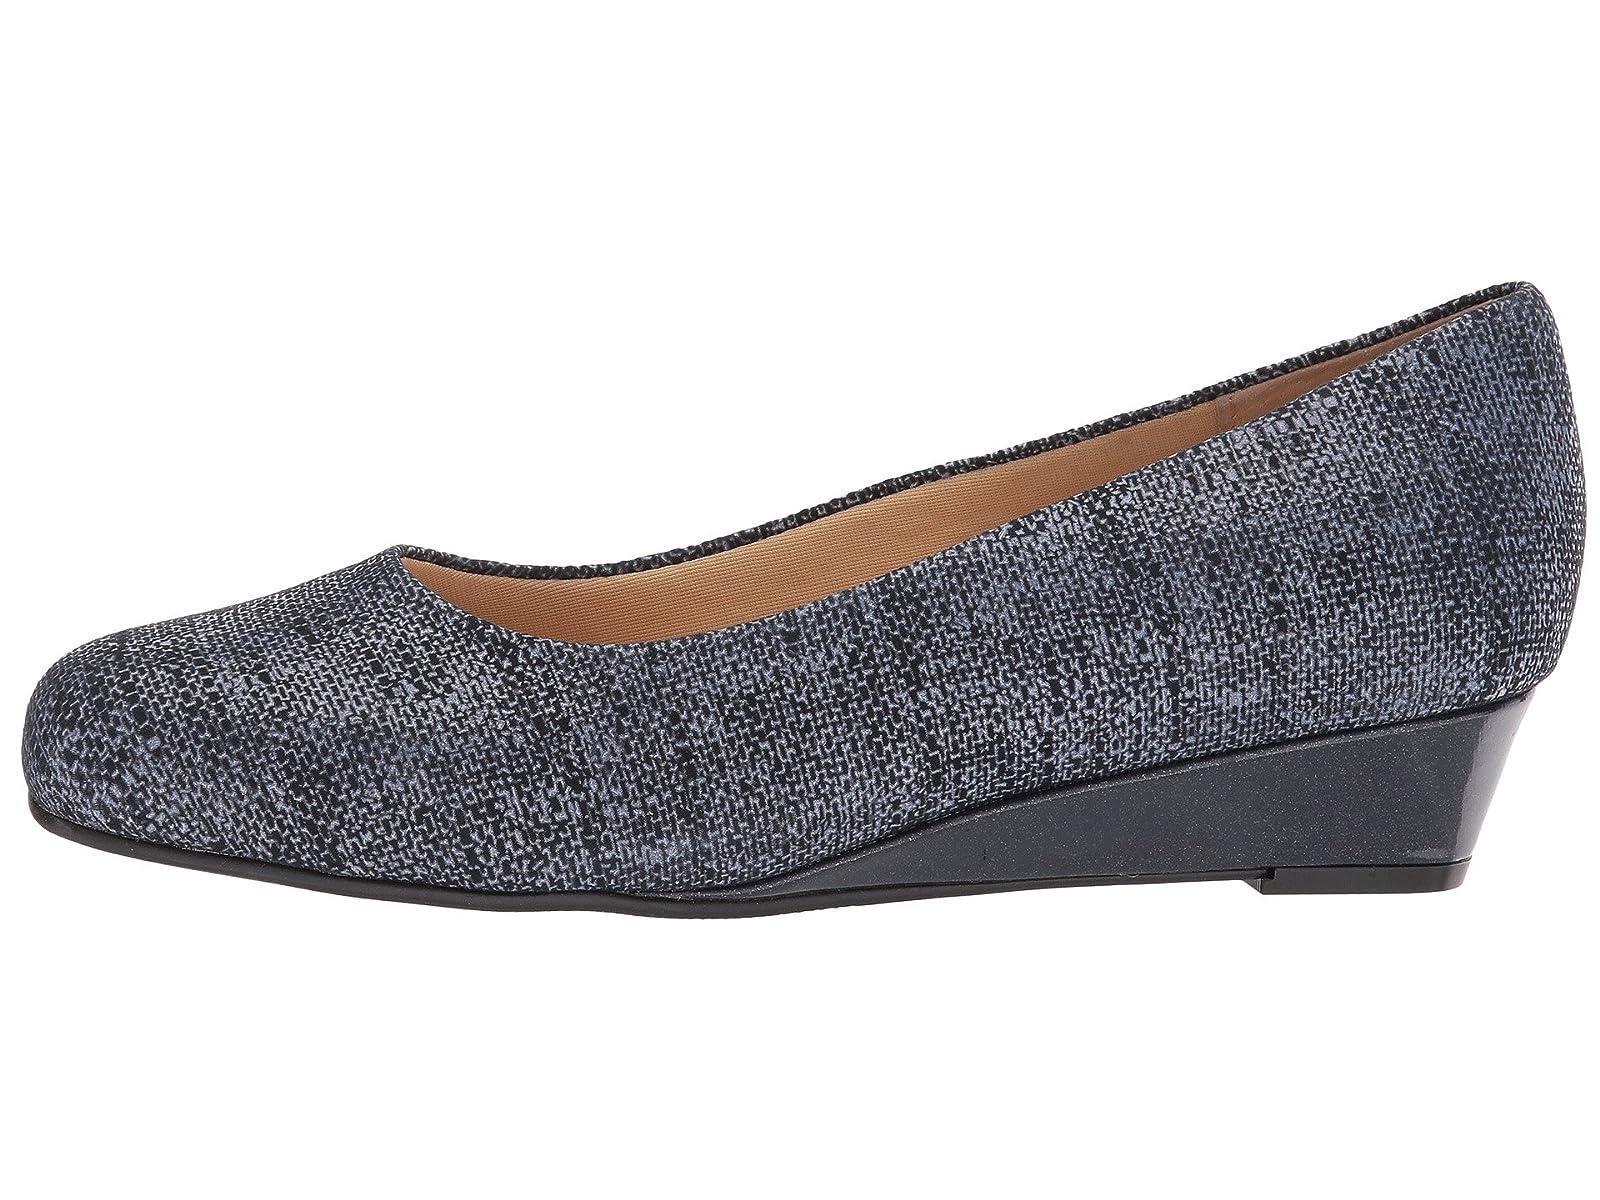 Man's/Woman's Trotters Lauren     Fashion versatile shoes dda55d